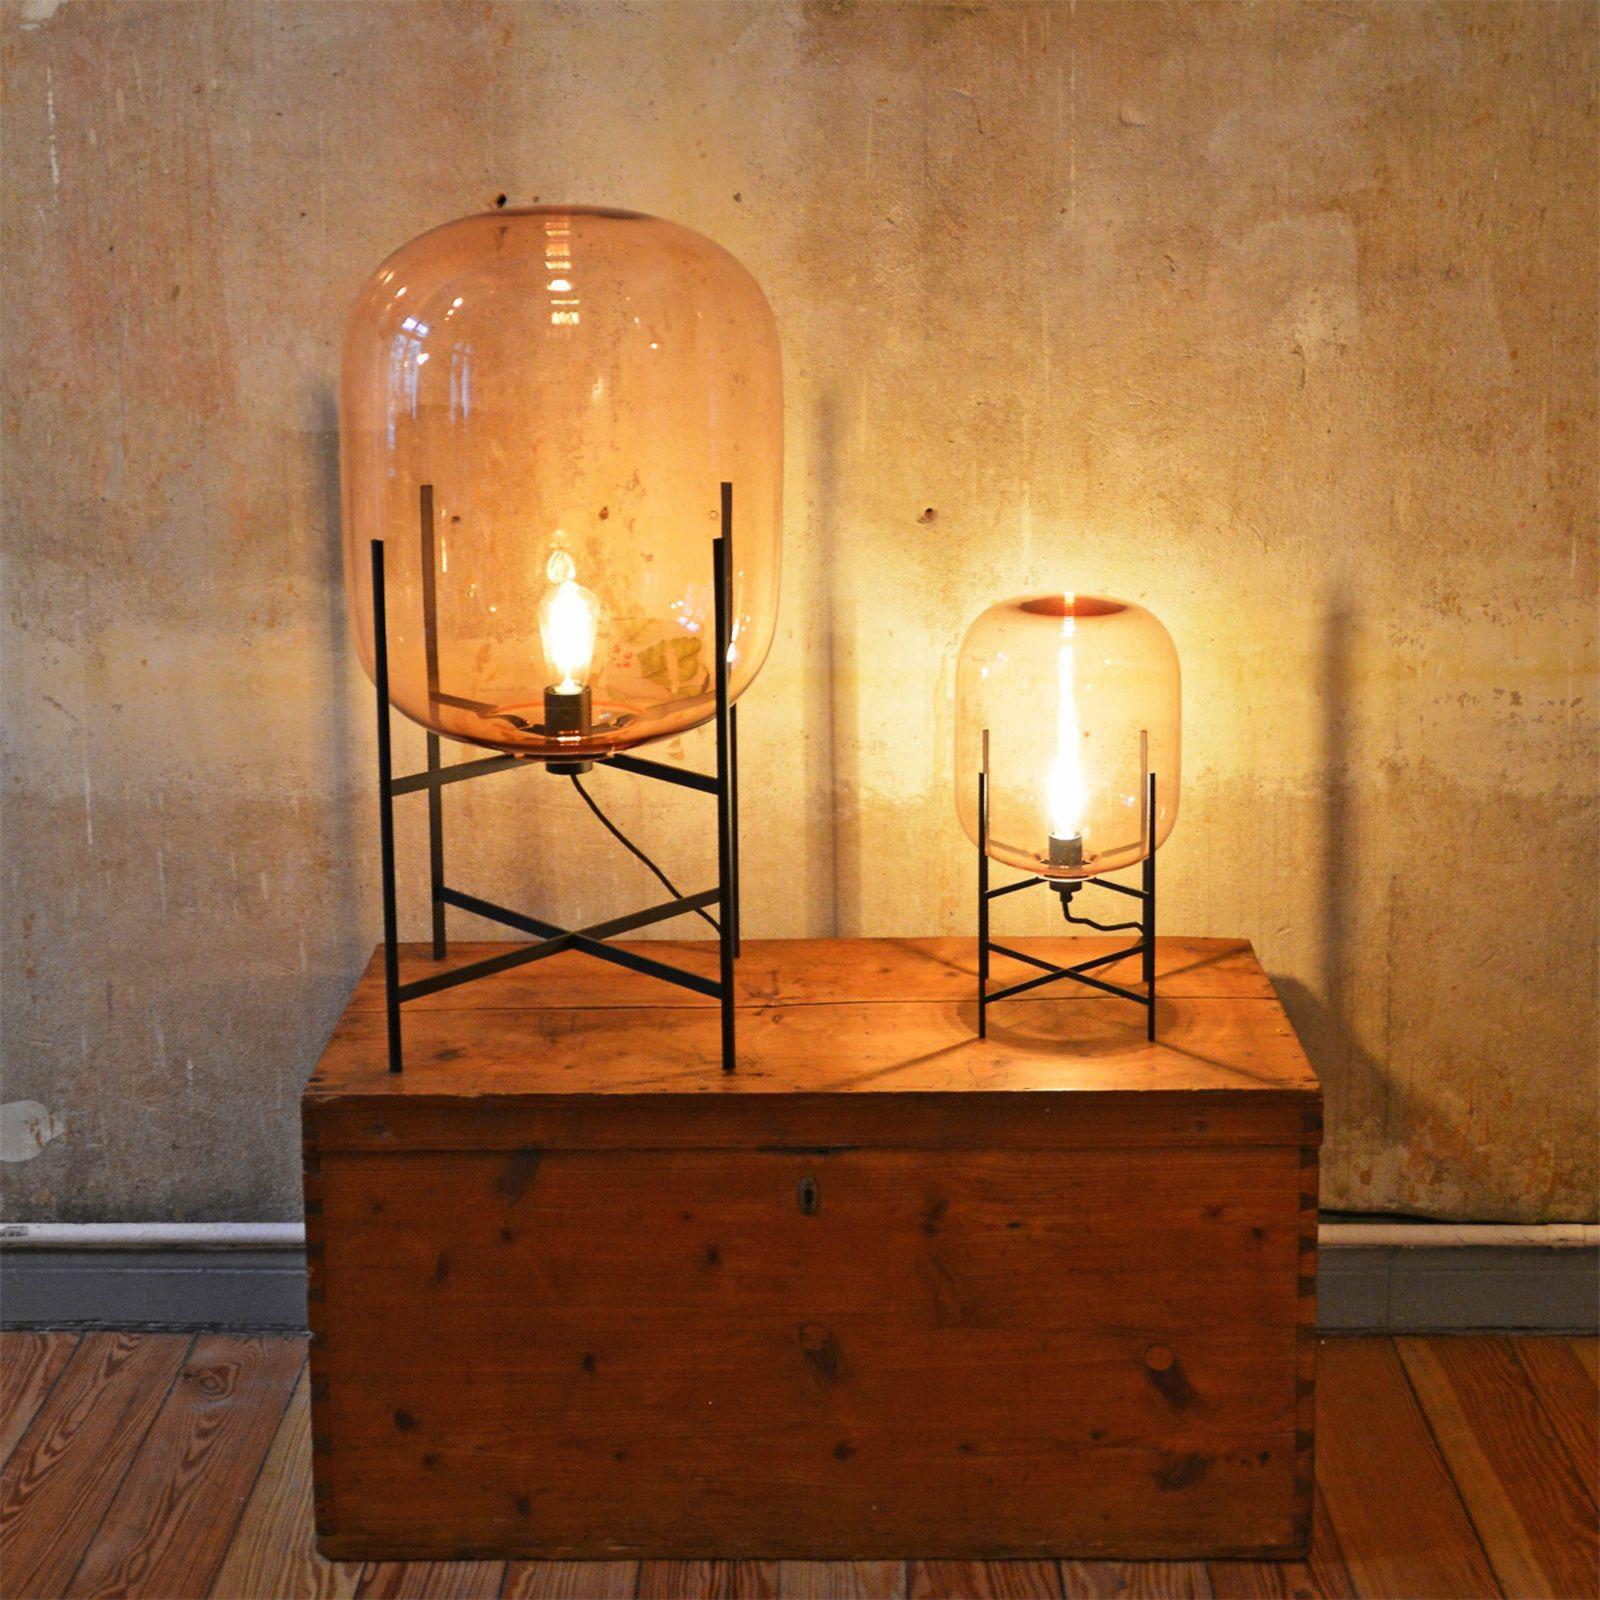 Gestalten Pulpo Oda Light Lamp Light Lamp Design